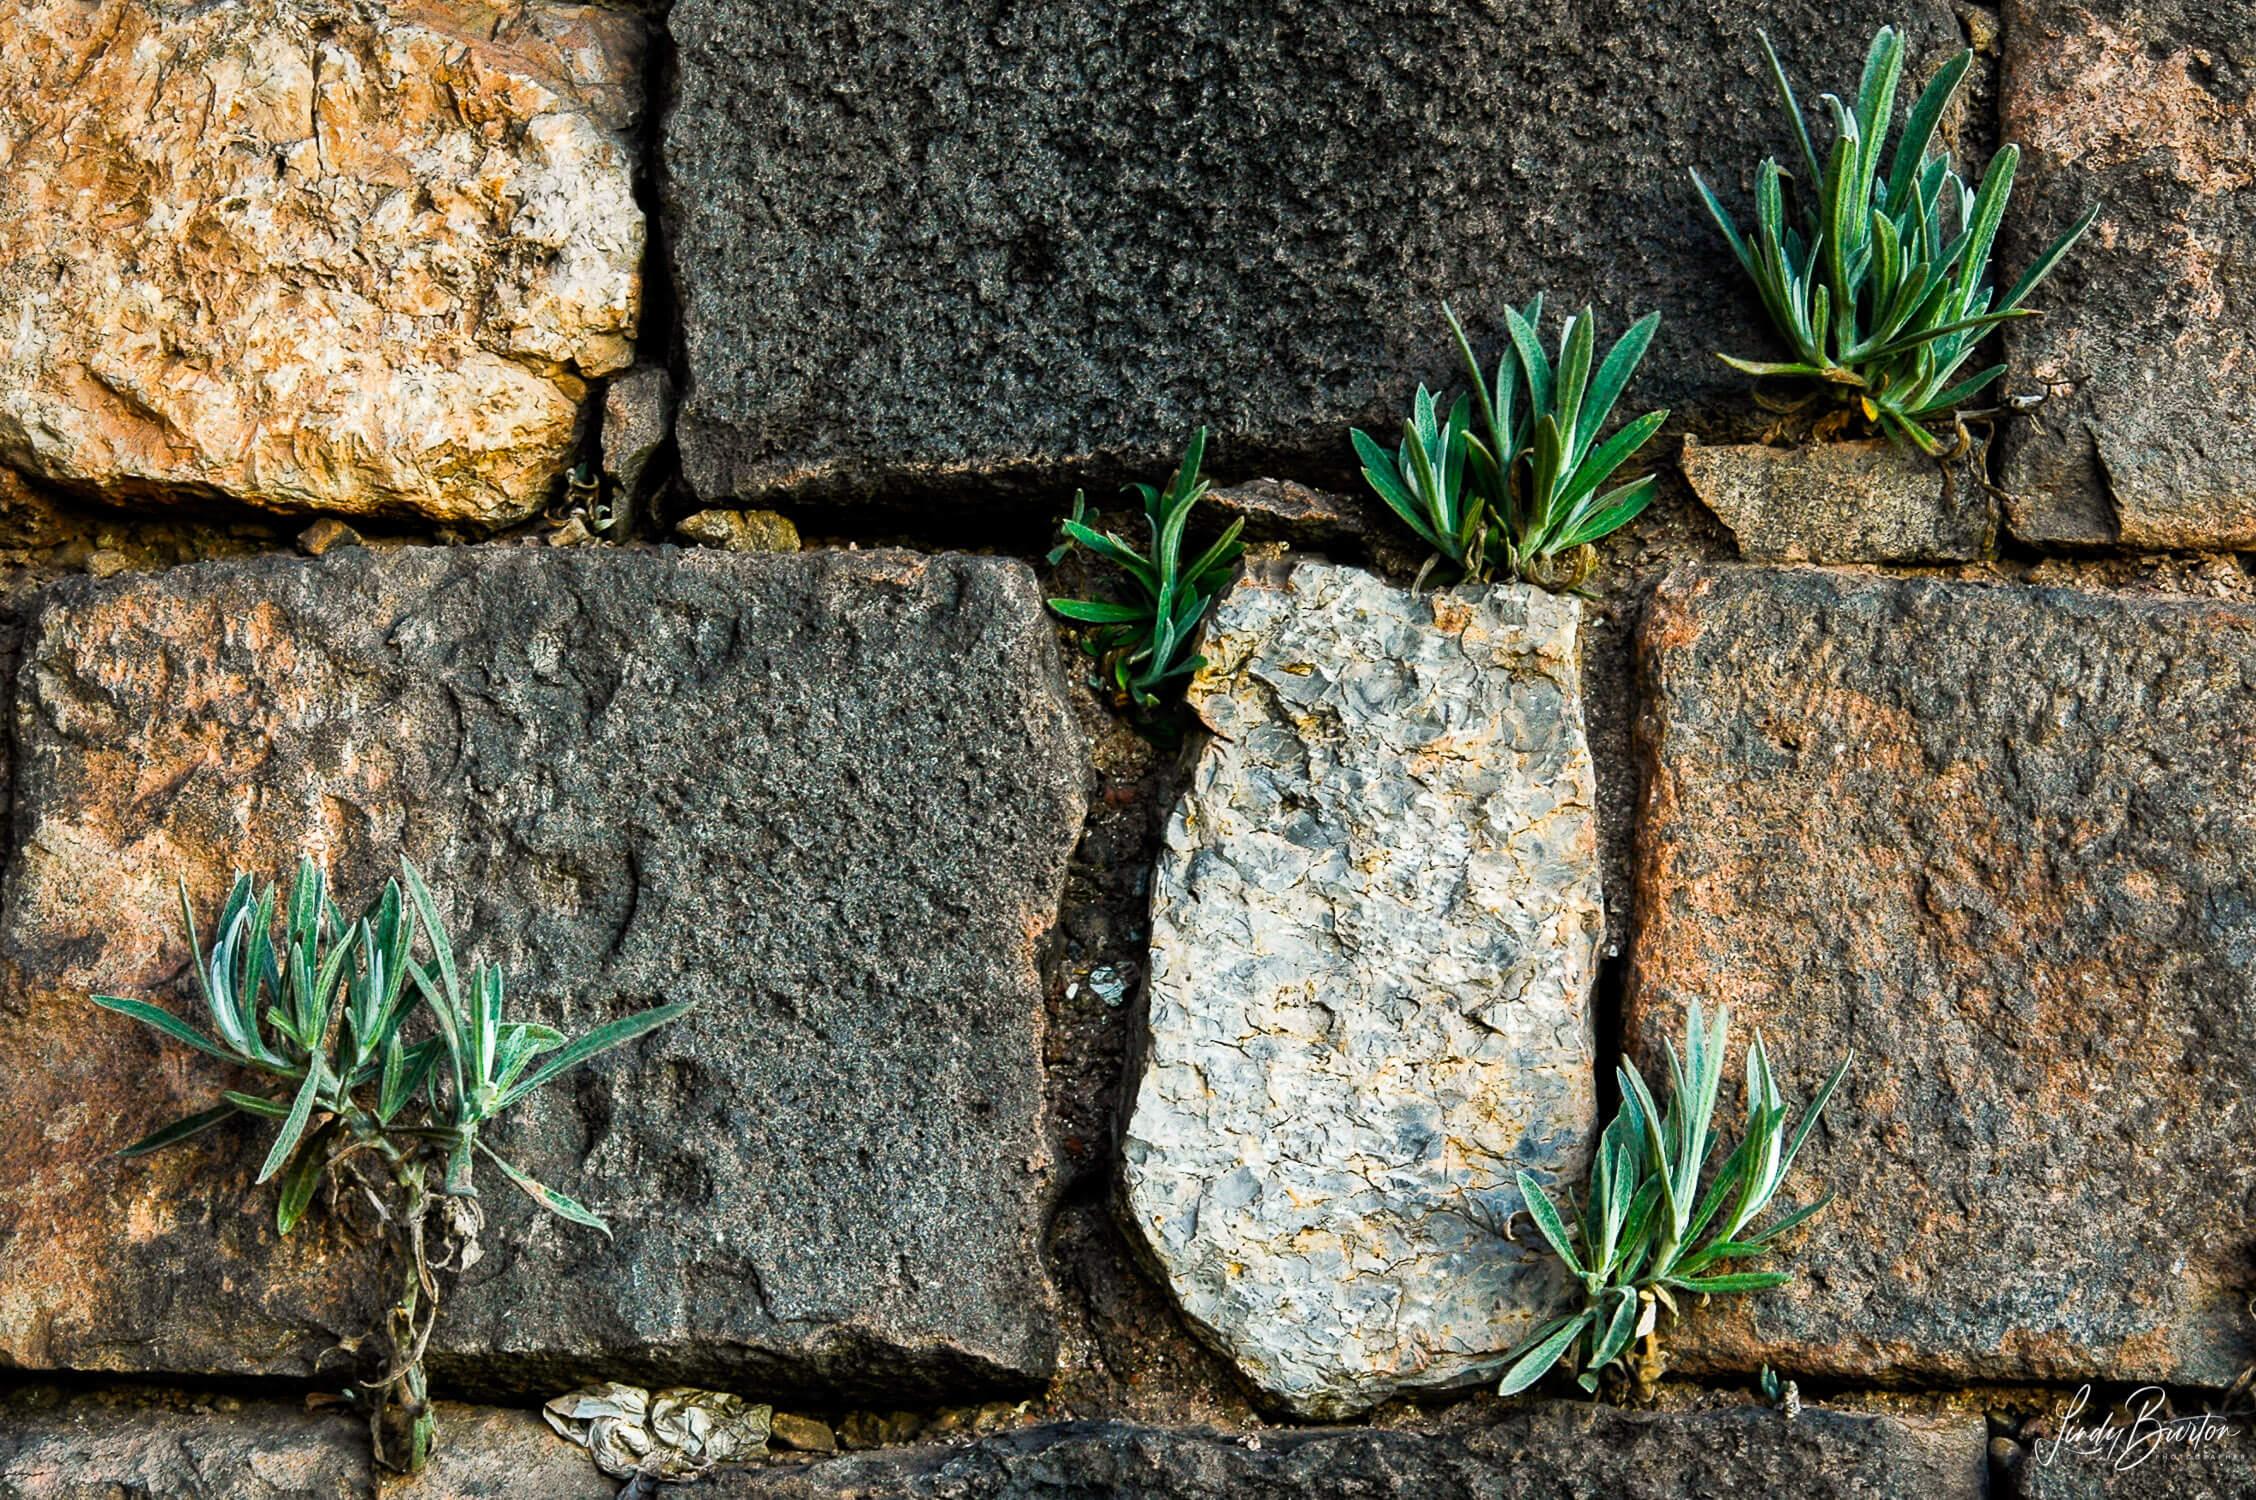 Plants growing between rocks in wall Cusco Peru